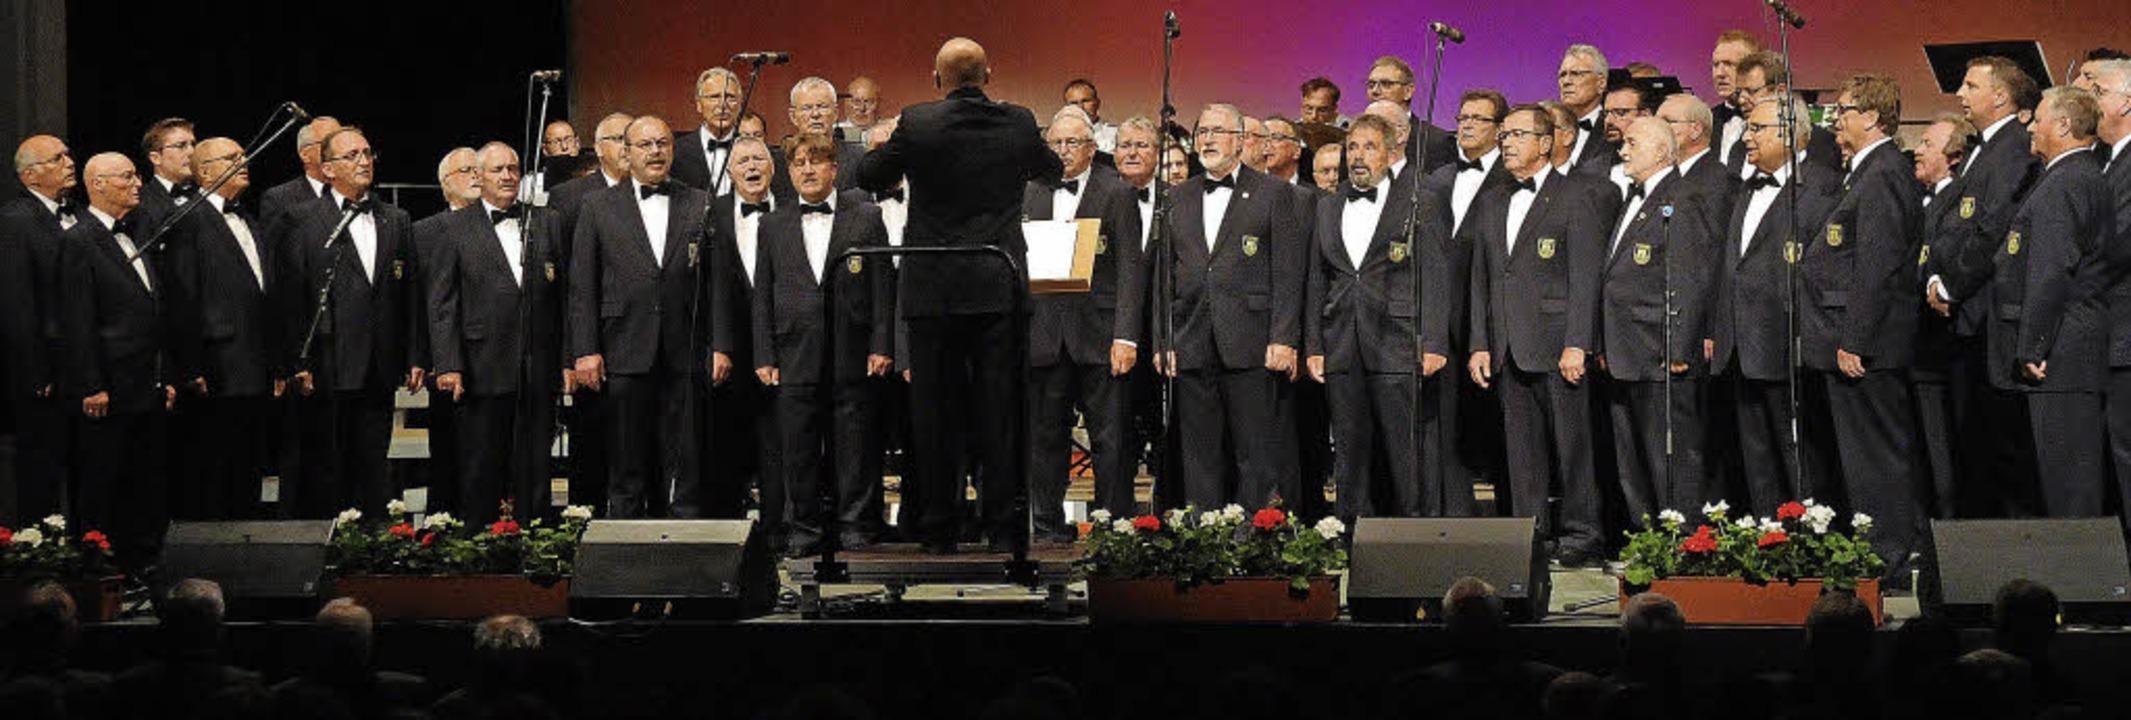 Der 50 Mann starke Polizeichor Lahr be...und das Polizeimusikkorps Mannheim.     | Foto: Wolfgang künstle/Babette Staiger (2)